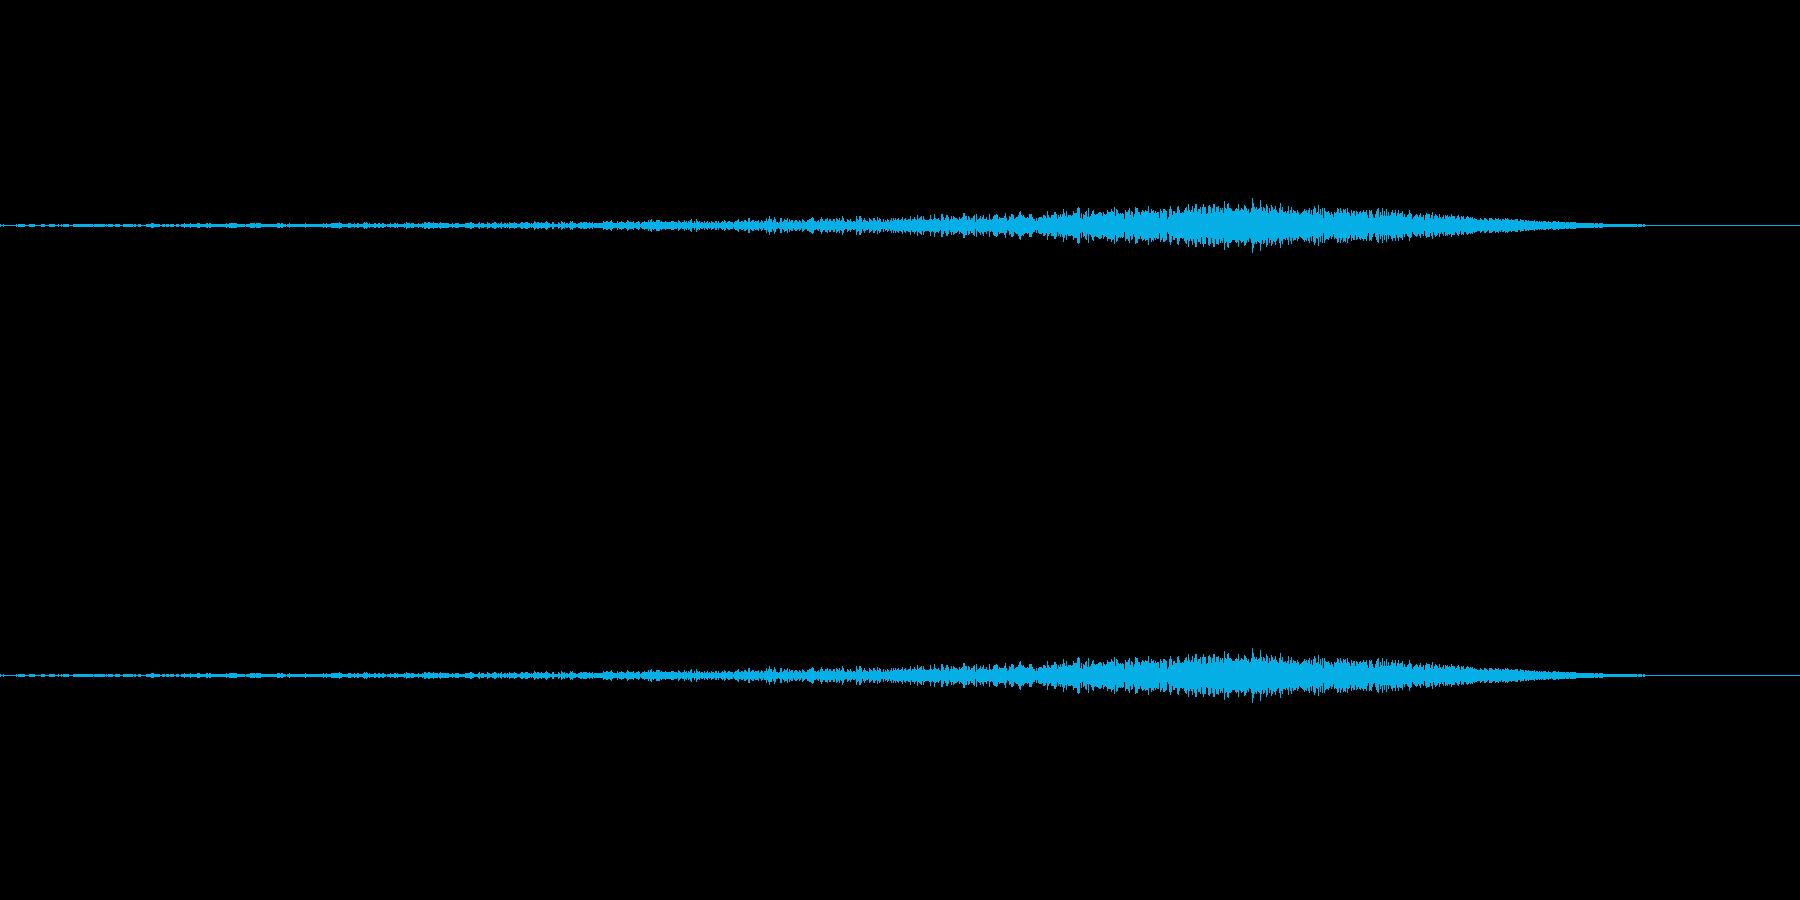 シュー:矢印が上昇するような音の再生済みの波形